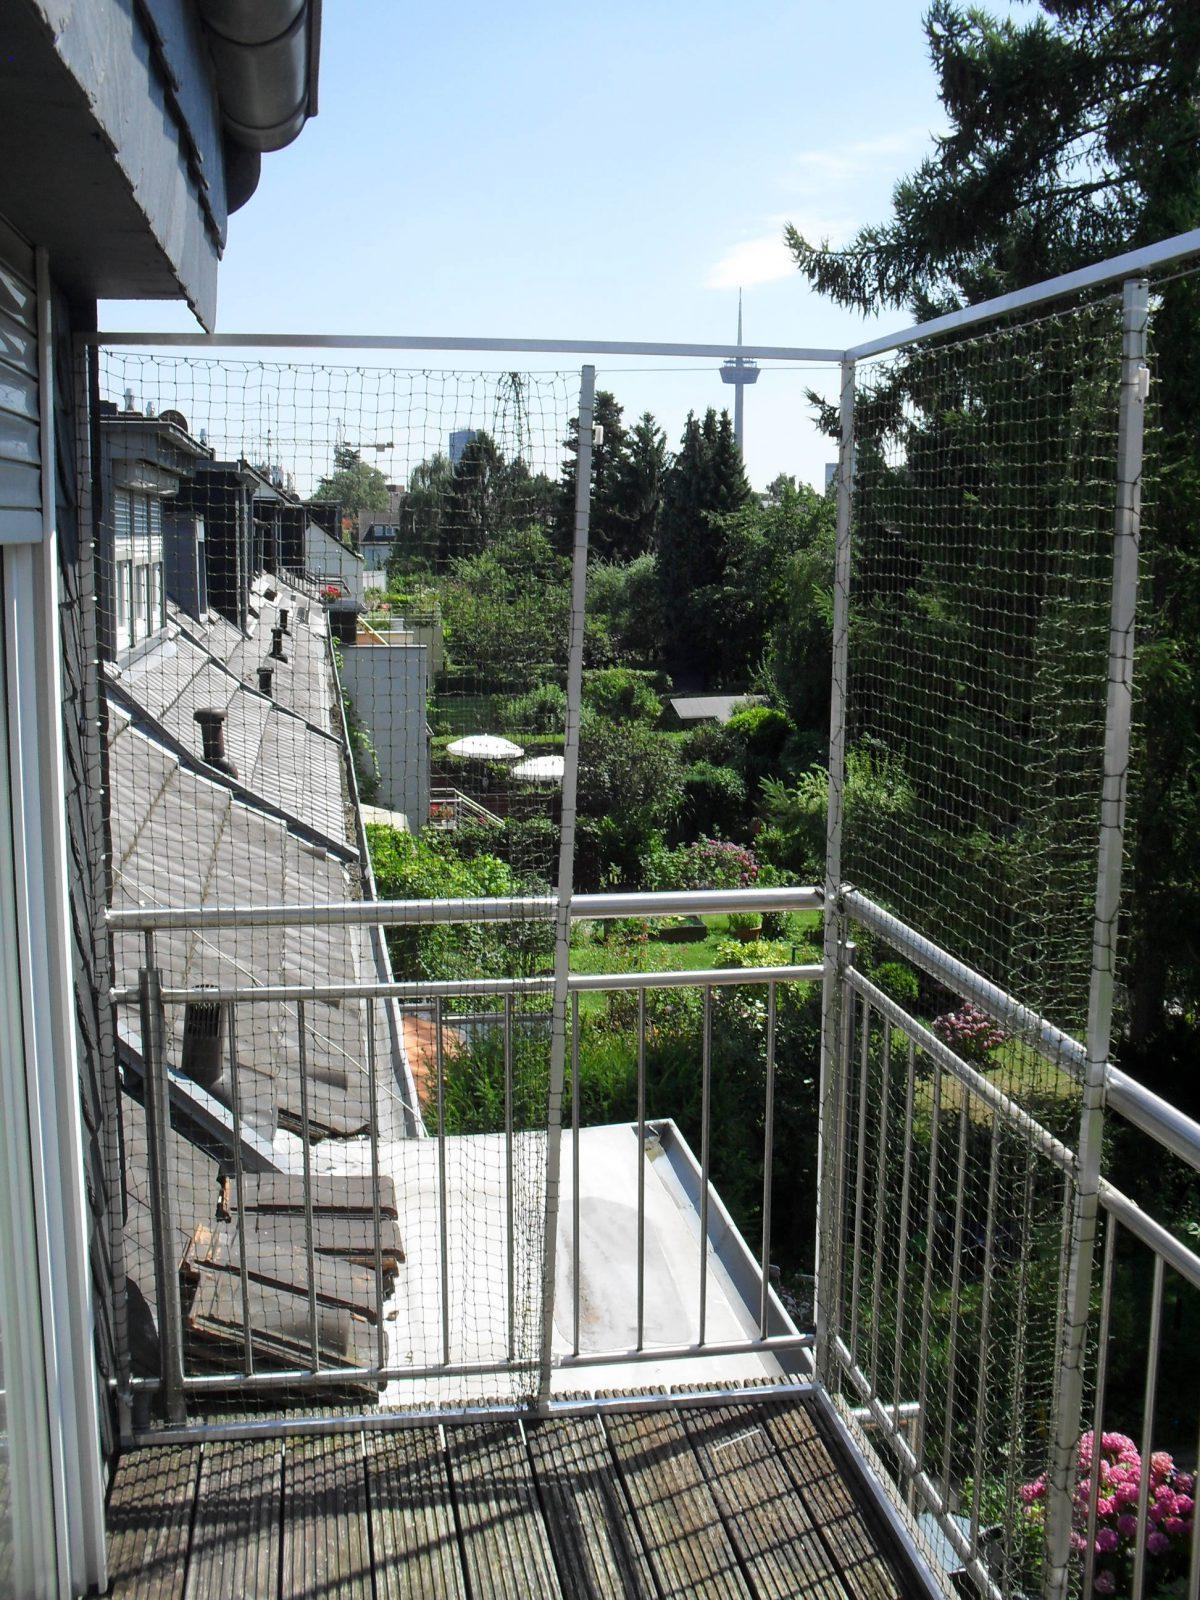 Katzennetz zum aufmachen am Balkon